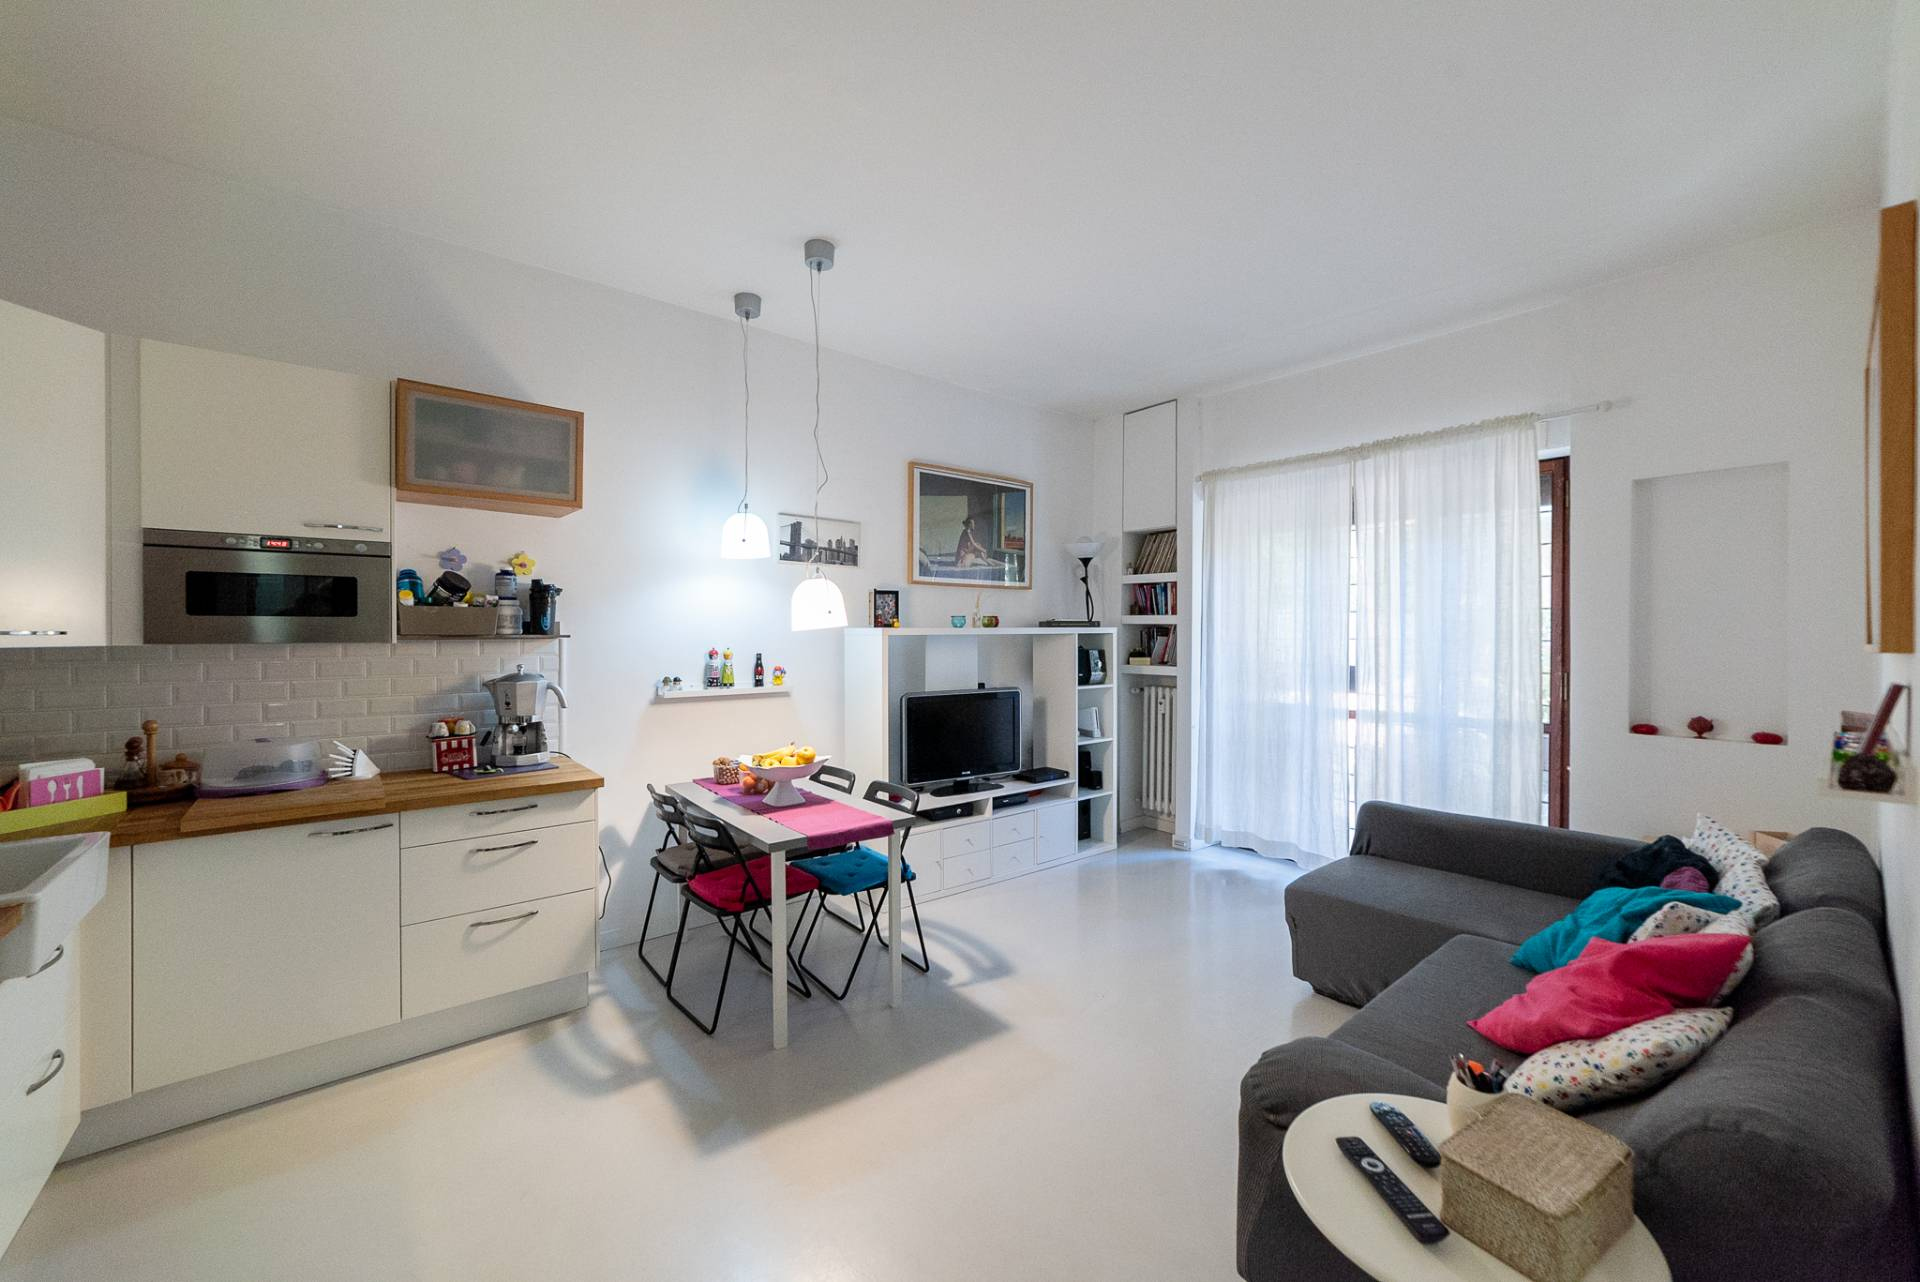 Appartamento in Vendita a Roma 15 Tuscolano / Appio Claudio:  3 locali, 87 mq  - Foto 1